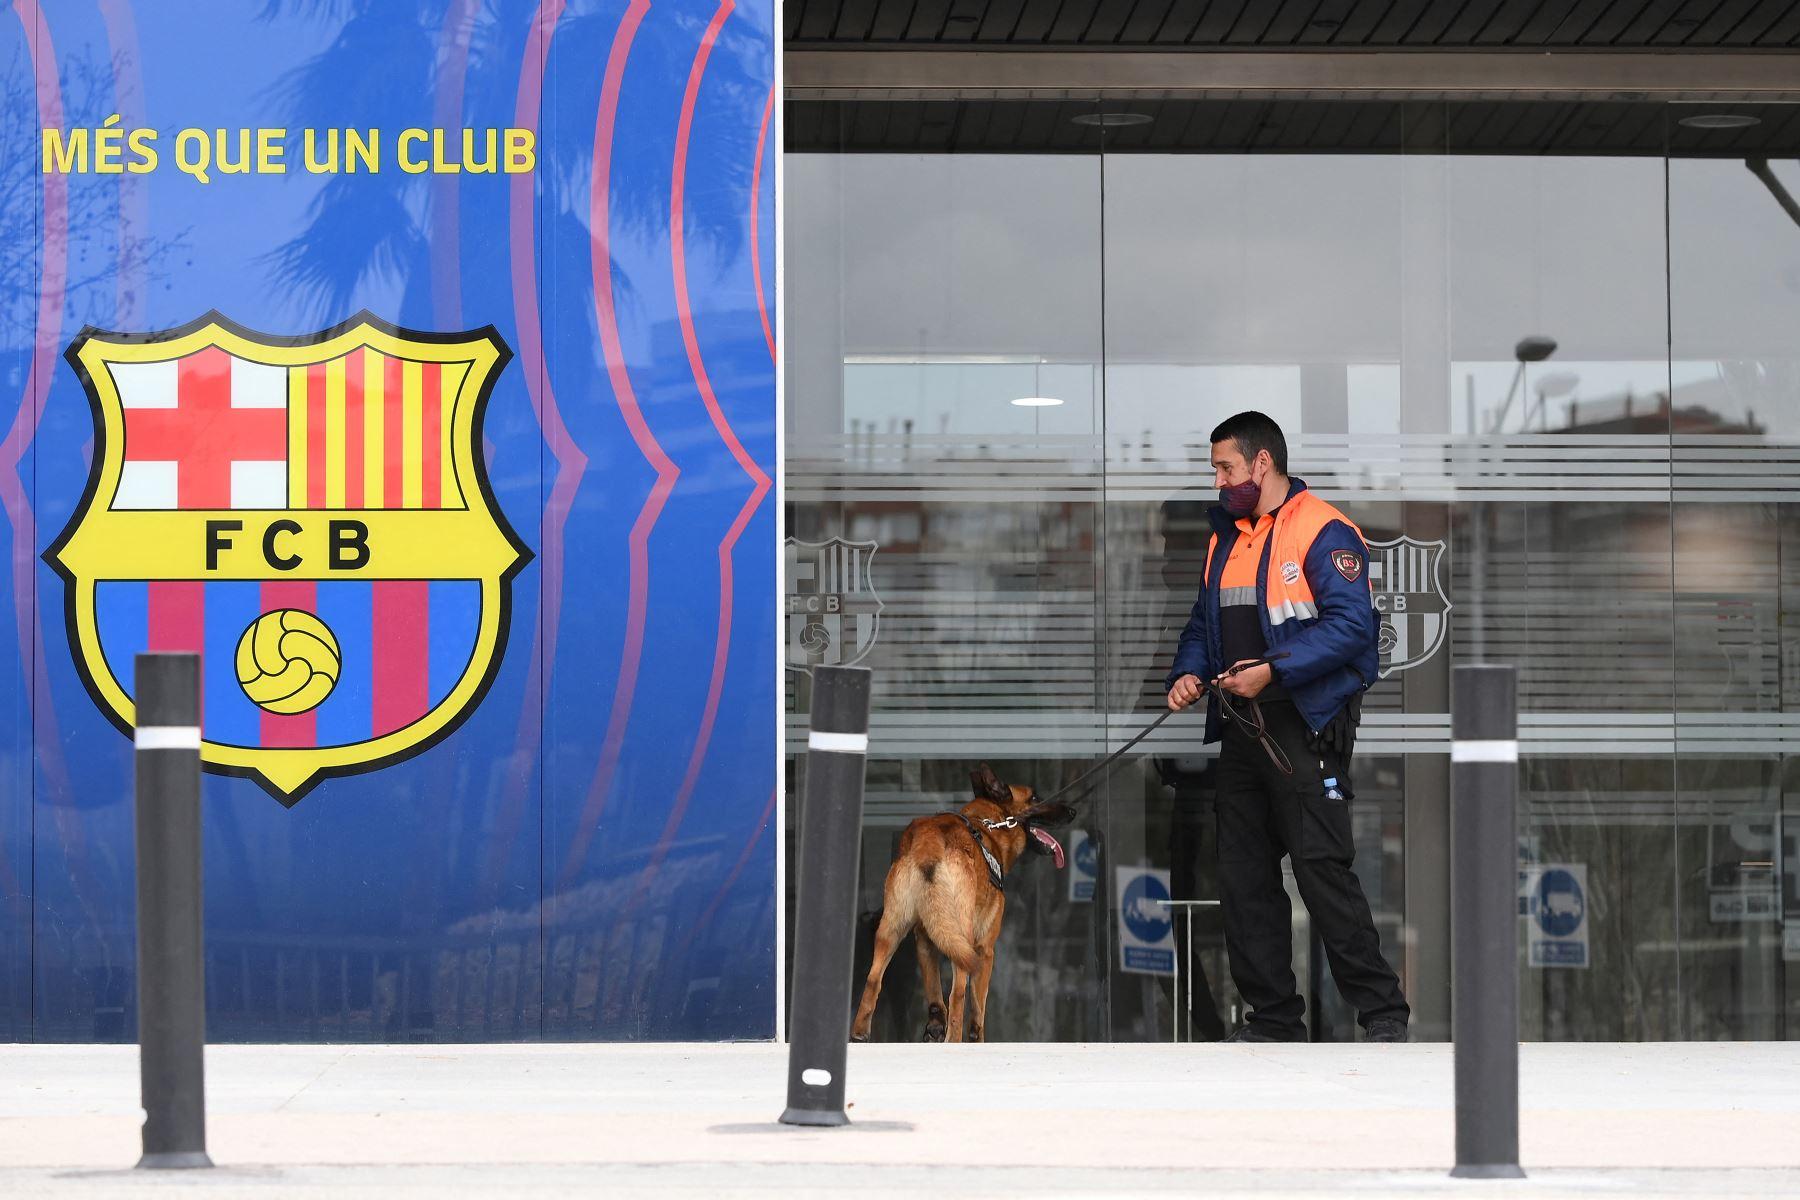 Un guardia de seguridad ingresa a las oficinas del Fútbol Club Barcelona con un perro el 1 de marzo de 2021 en Barcelona durante un operativo policial en el interior del edificio. Foto: AFP